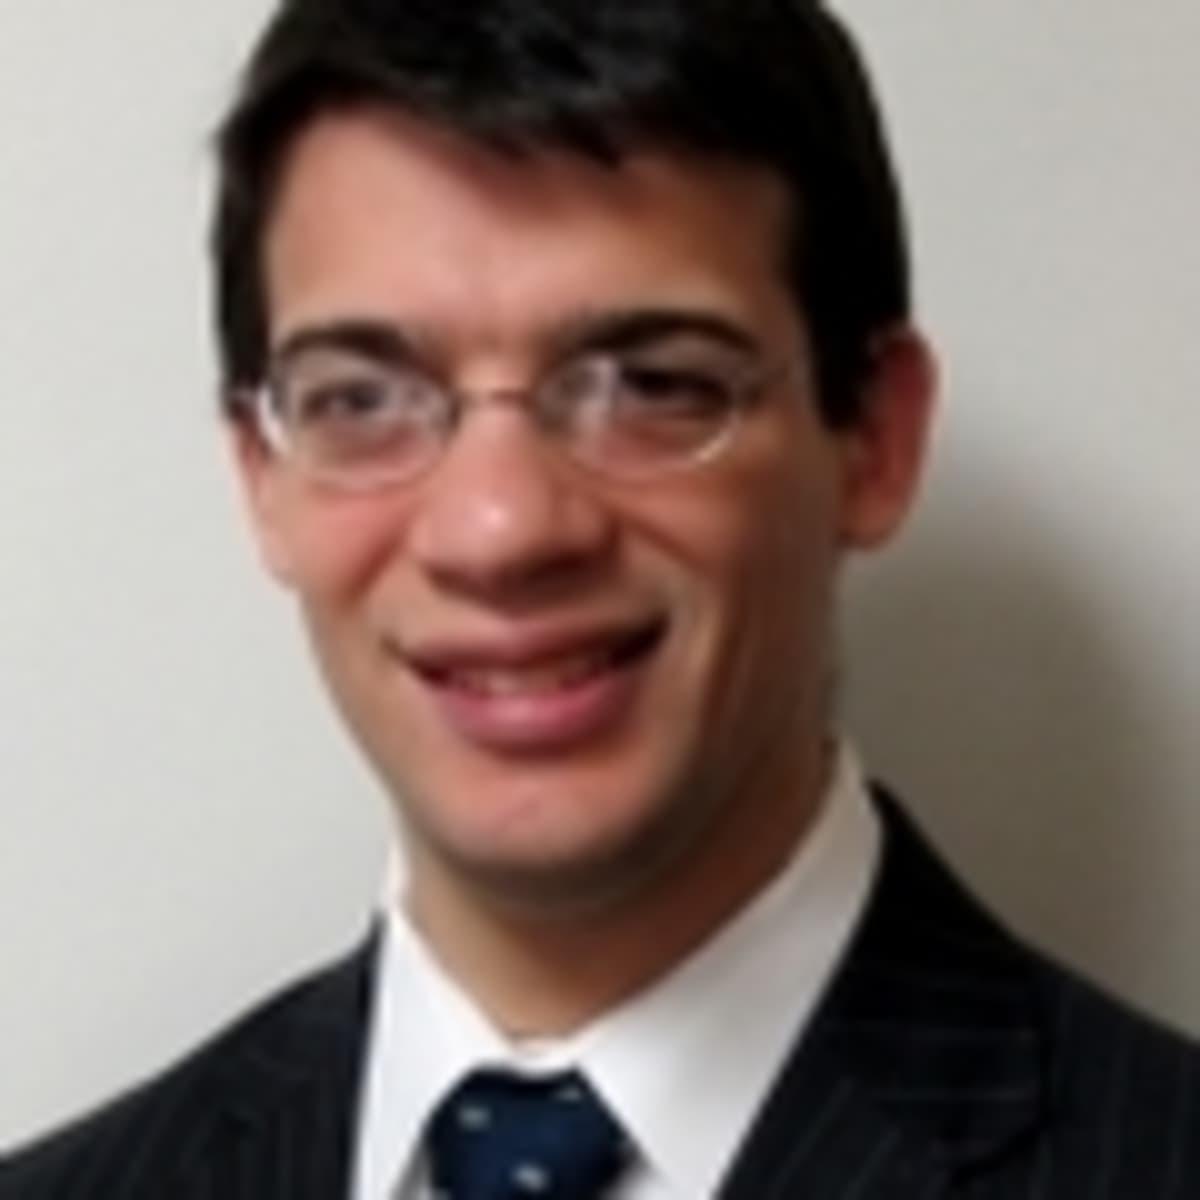 dr michael loewinger md englewood nj internist